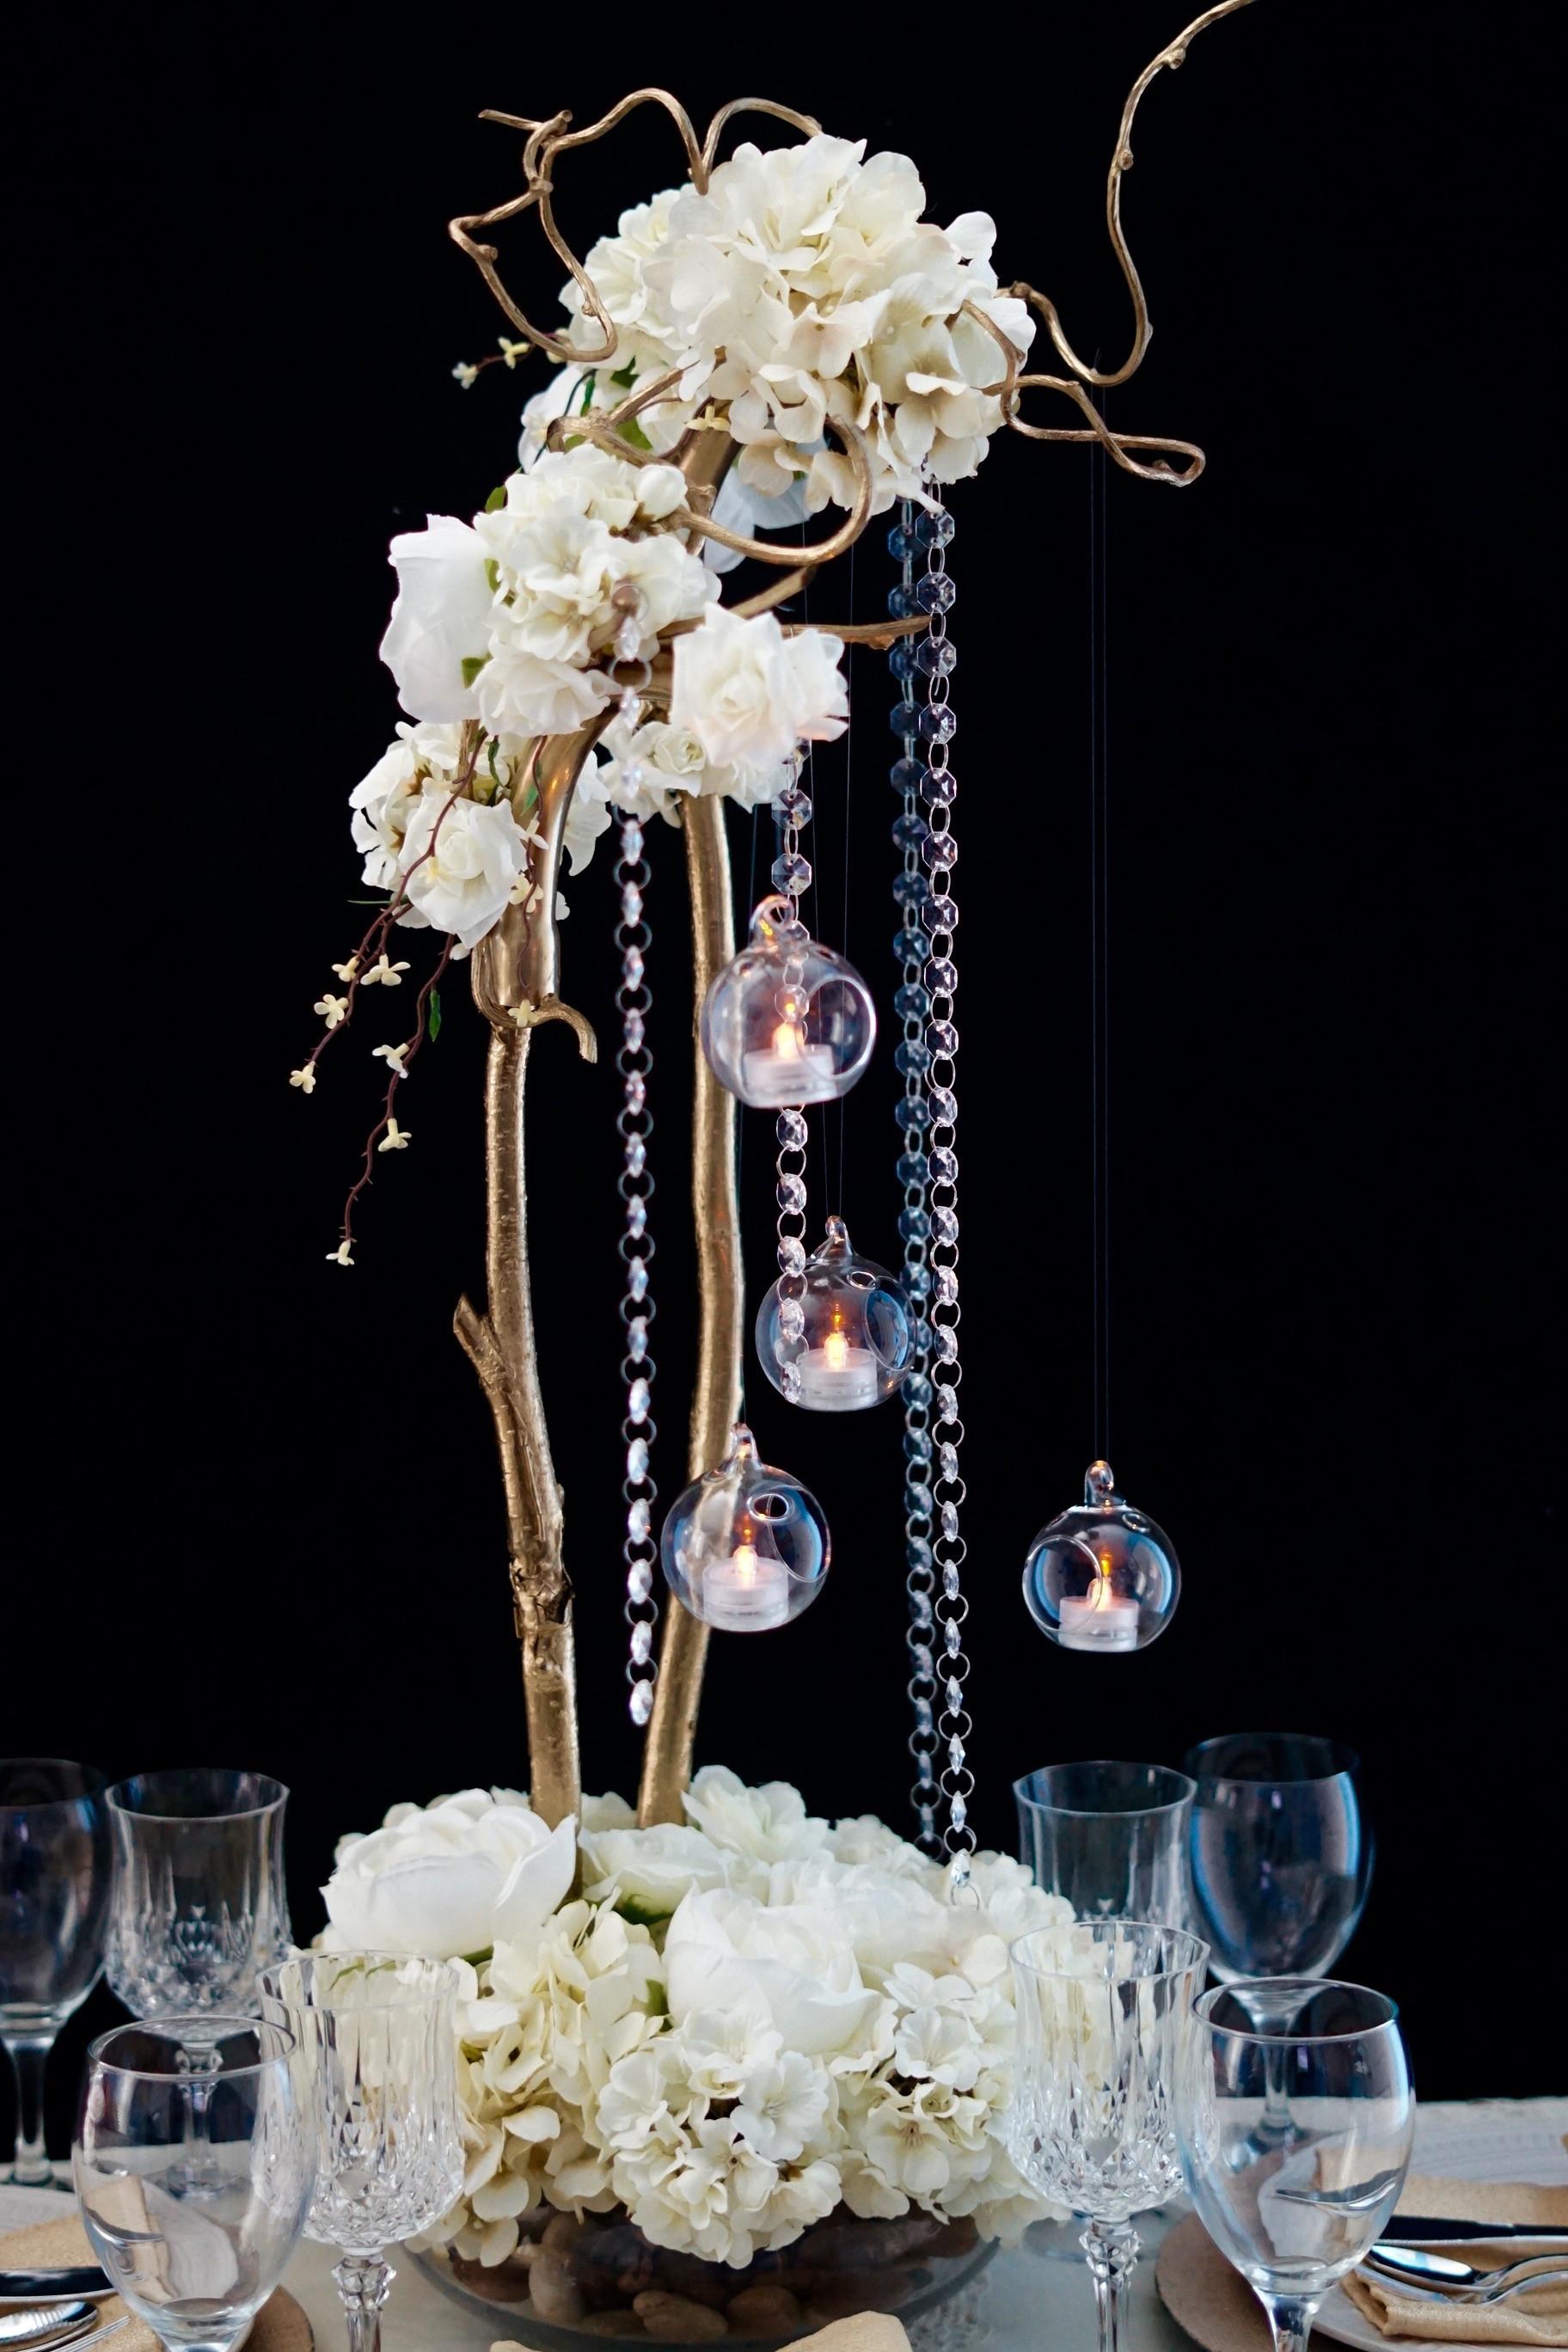 Best ideas about DIY Tall Wedding Centerpieces . Save or Pin DIY Secret Garden Tall Wedding Centerpiece Now.